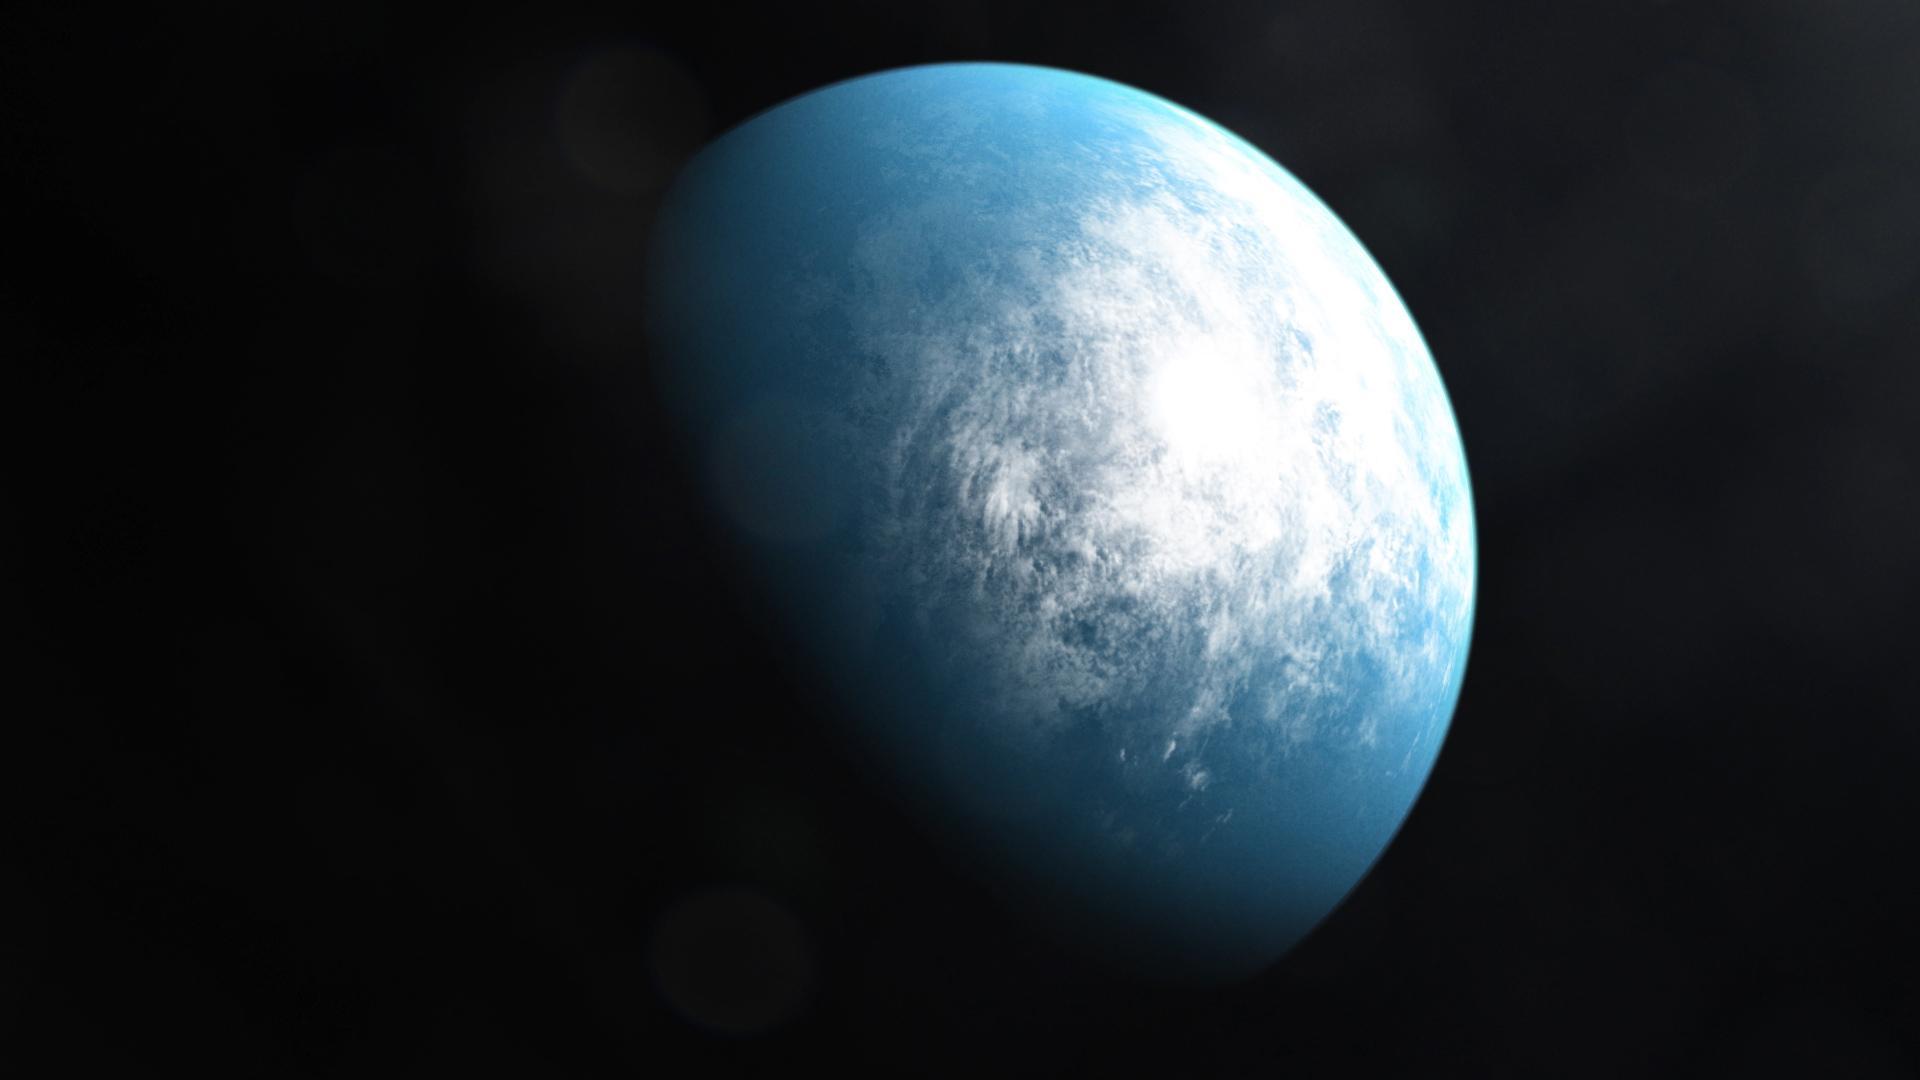 系外惑星TOI700d。系外惑星の中に生命も存在するかもしれない。